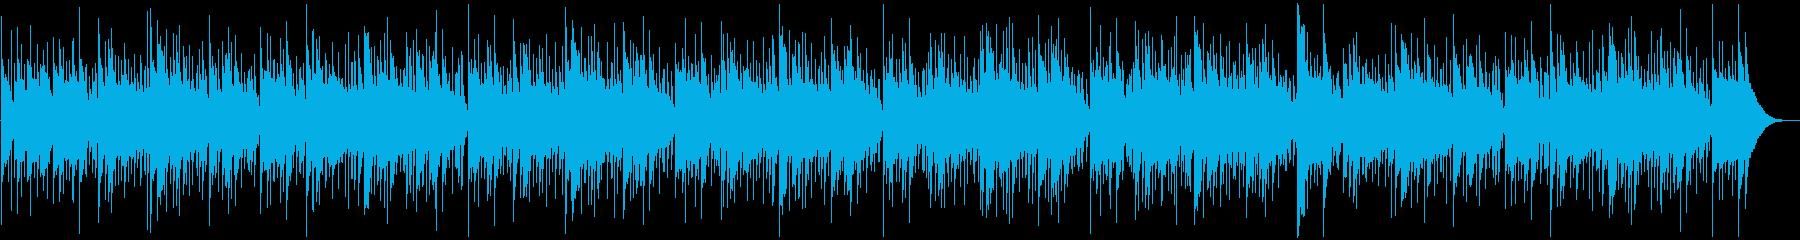 ハンドパンとマリンバによるヒーリングの再生済みの波形